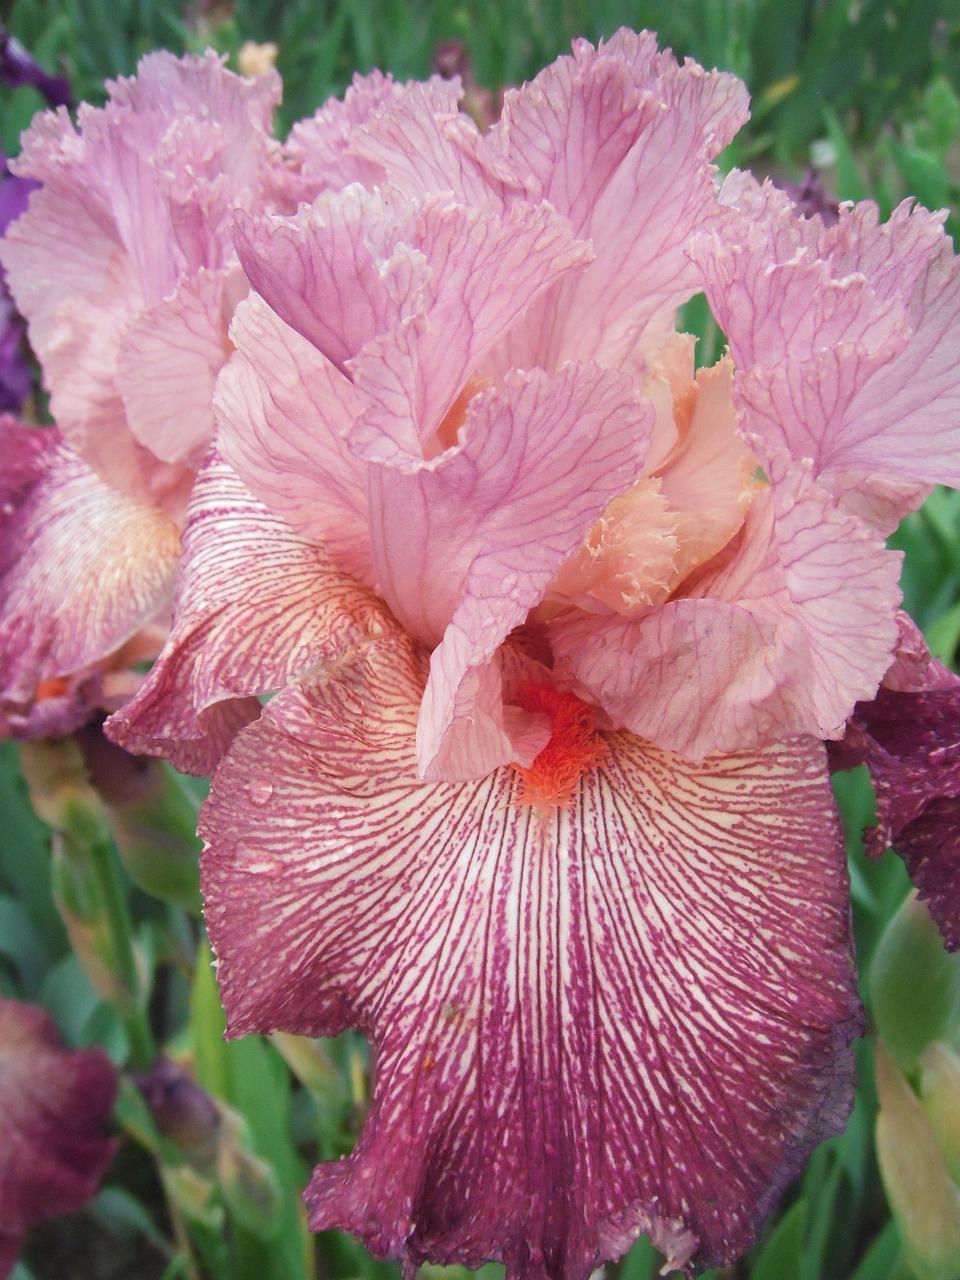 Iris Germanica - Duitse iris  Hoogte: 40 - 70 cm  Kleur: Meerdere mogelijkheden  Wintergroen: Nee  Bloeiperiode: Mei - Juni